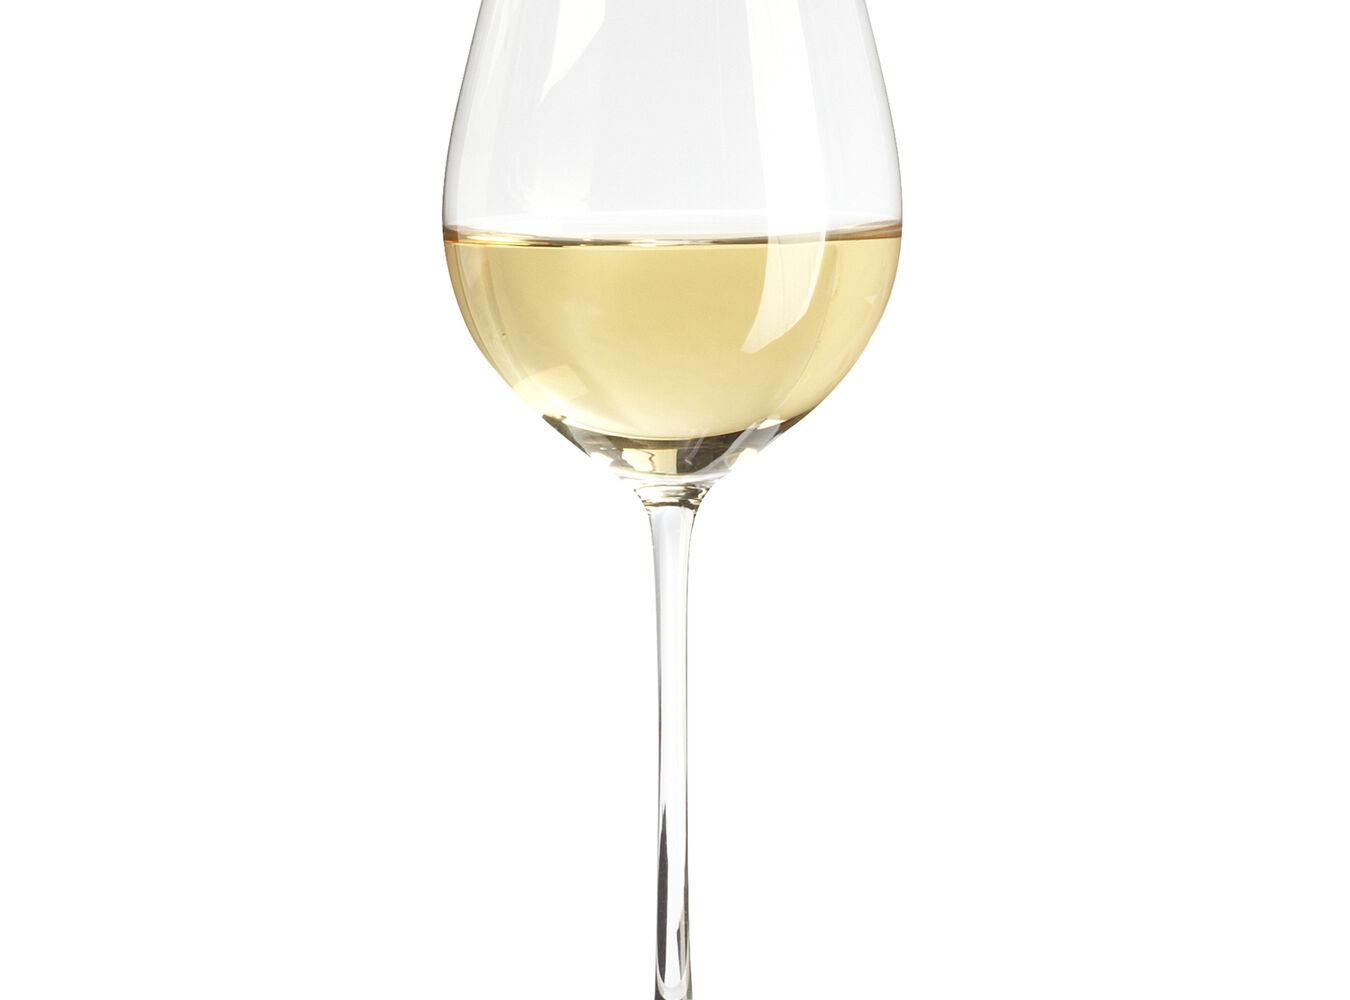 Zwiesel 1872 Enoteca Chardonnay Wine Glass   Sur La Table